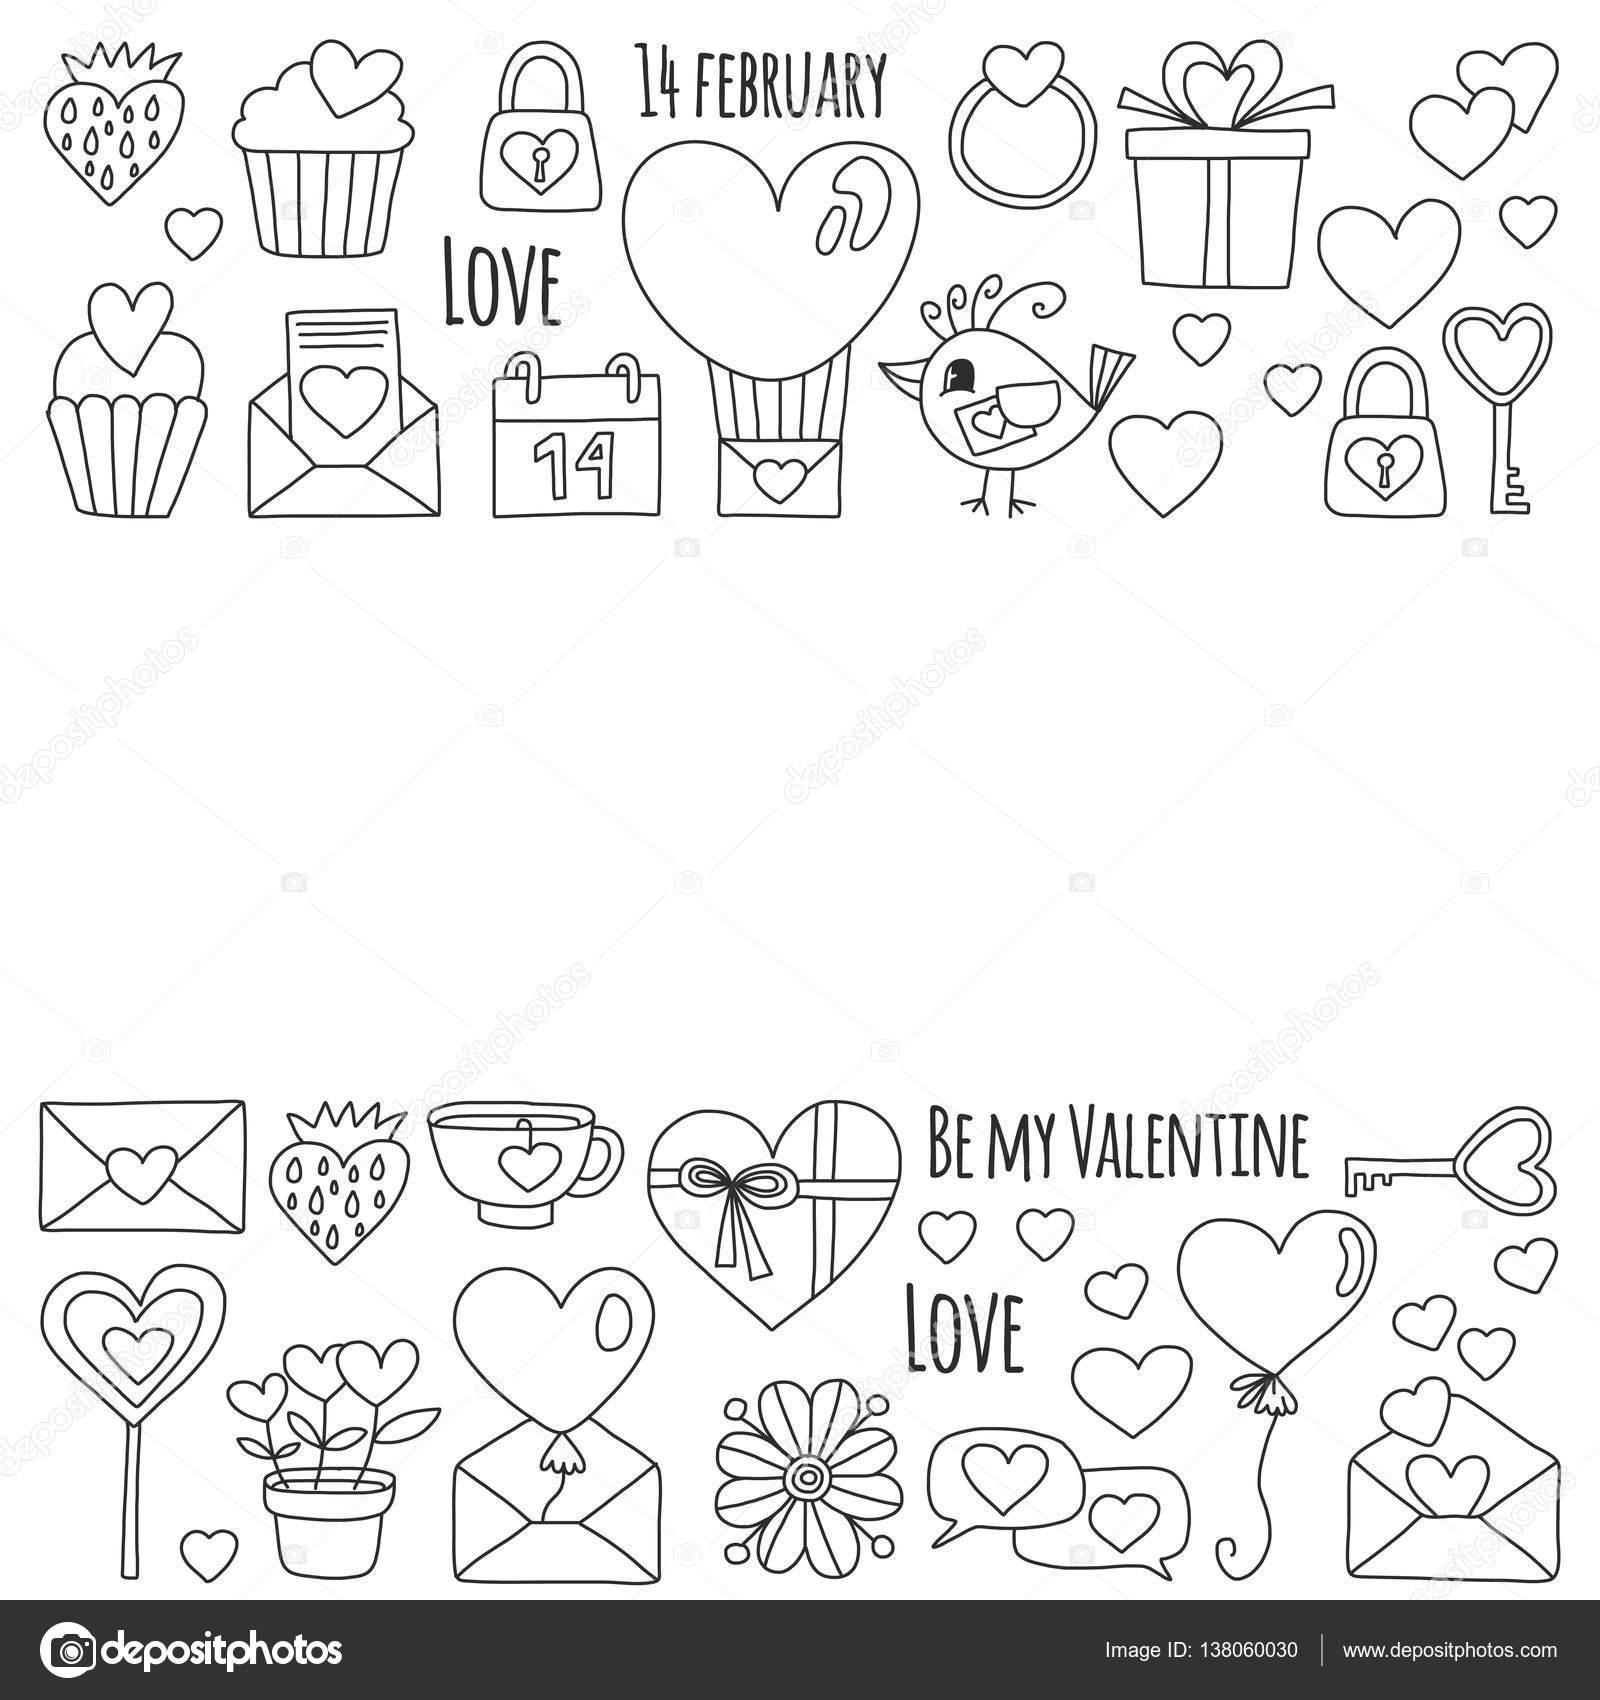 Sevgililer Günü Vektör Desen Kalp Pasta Balon Davetiyeler Boyama